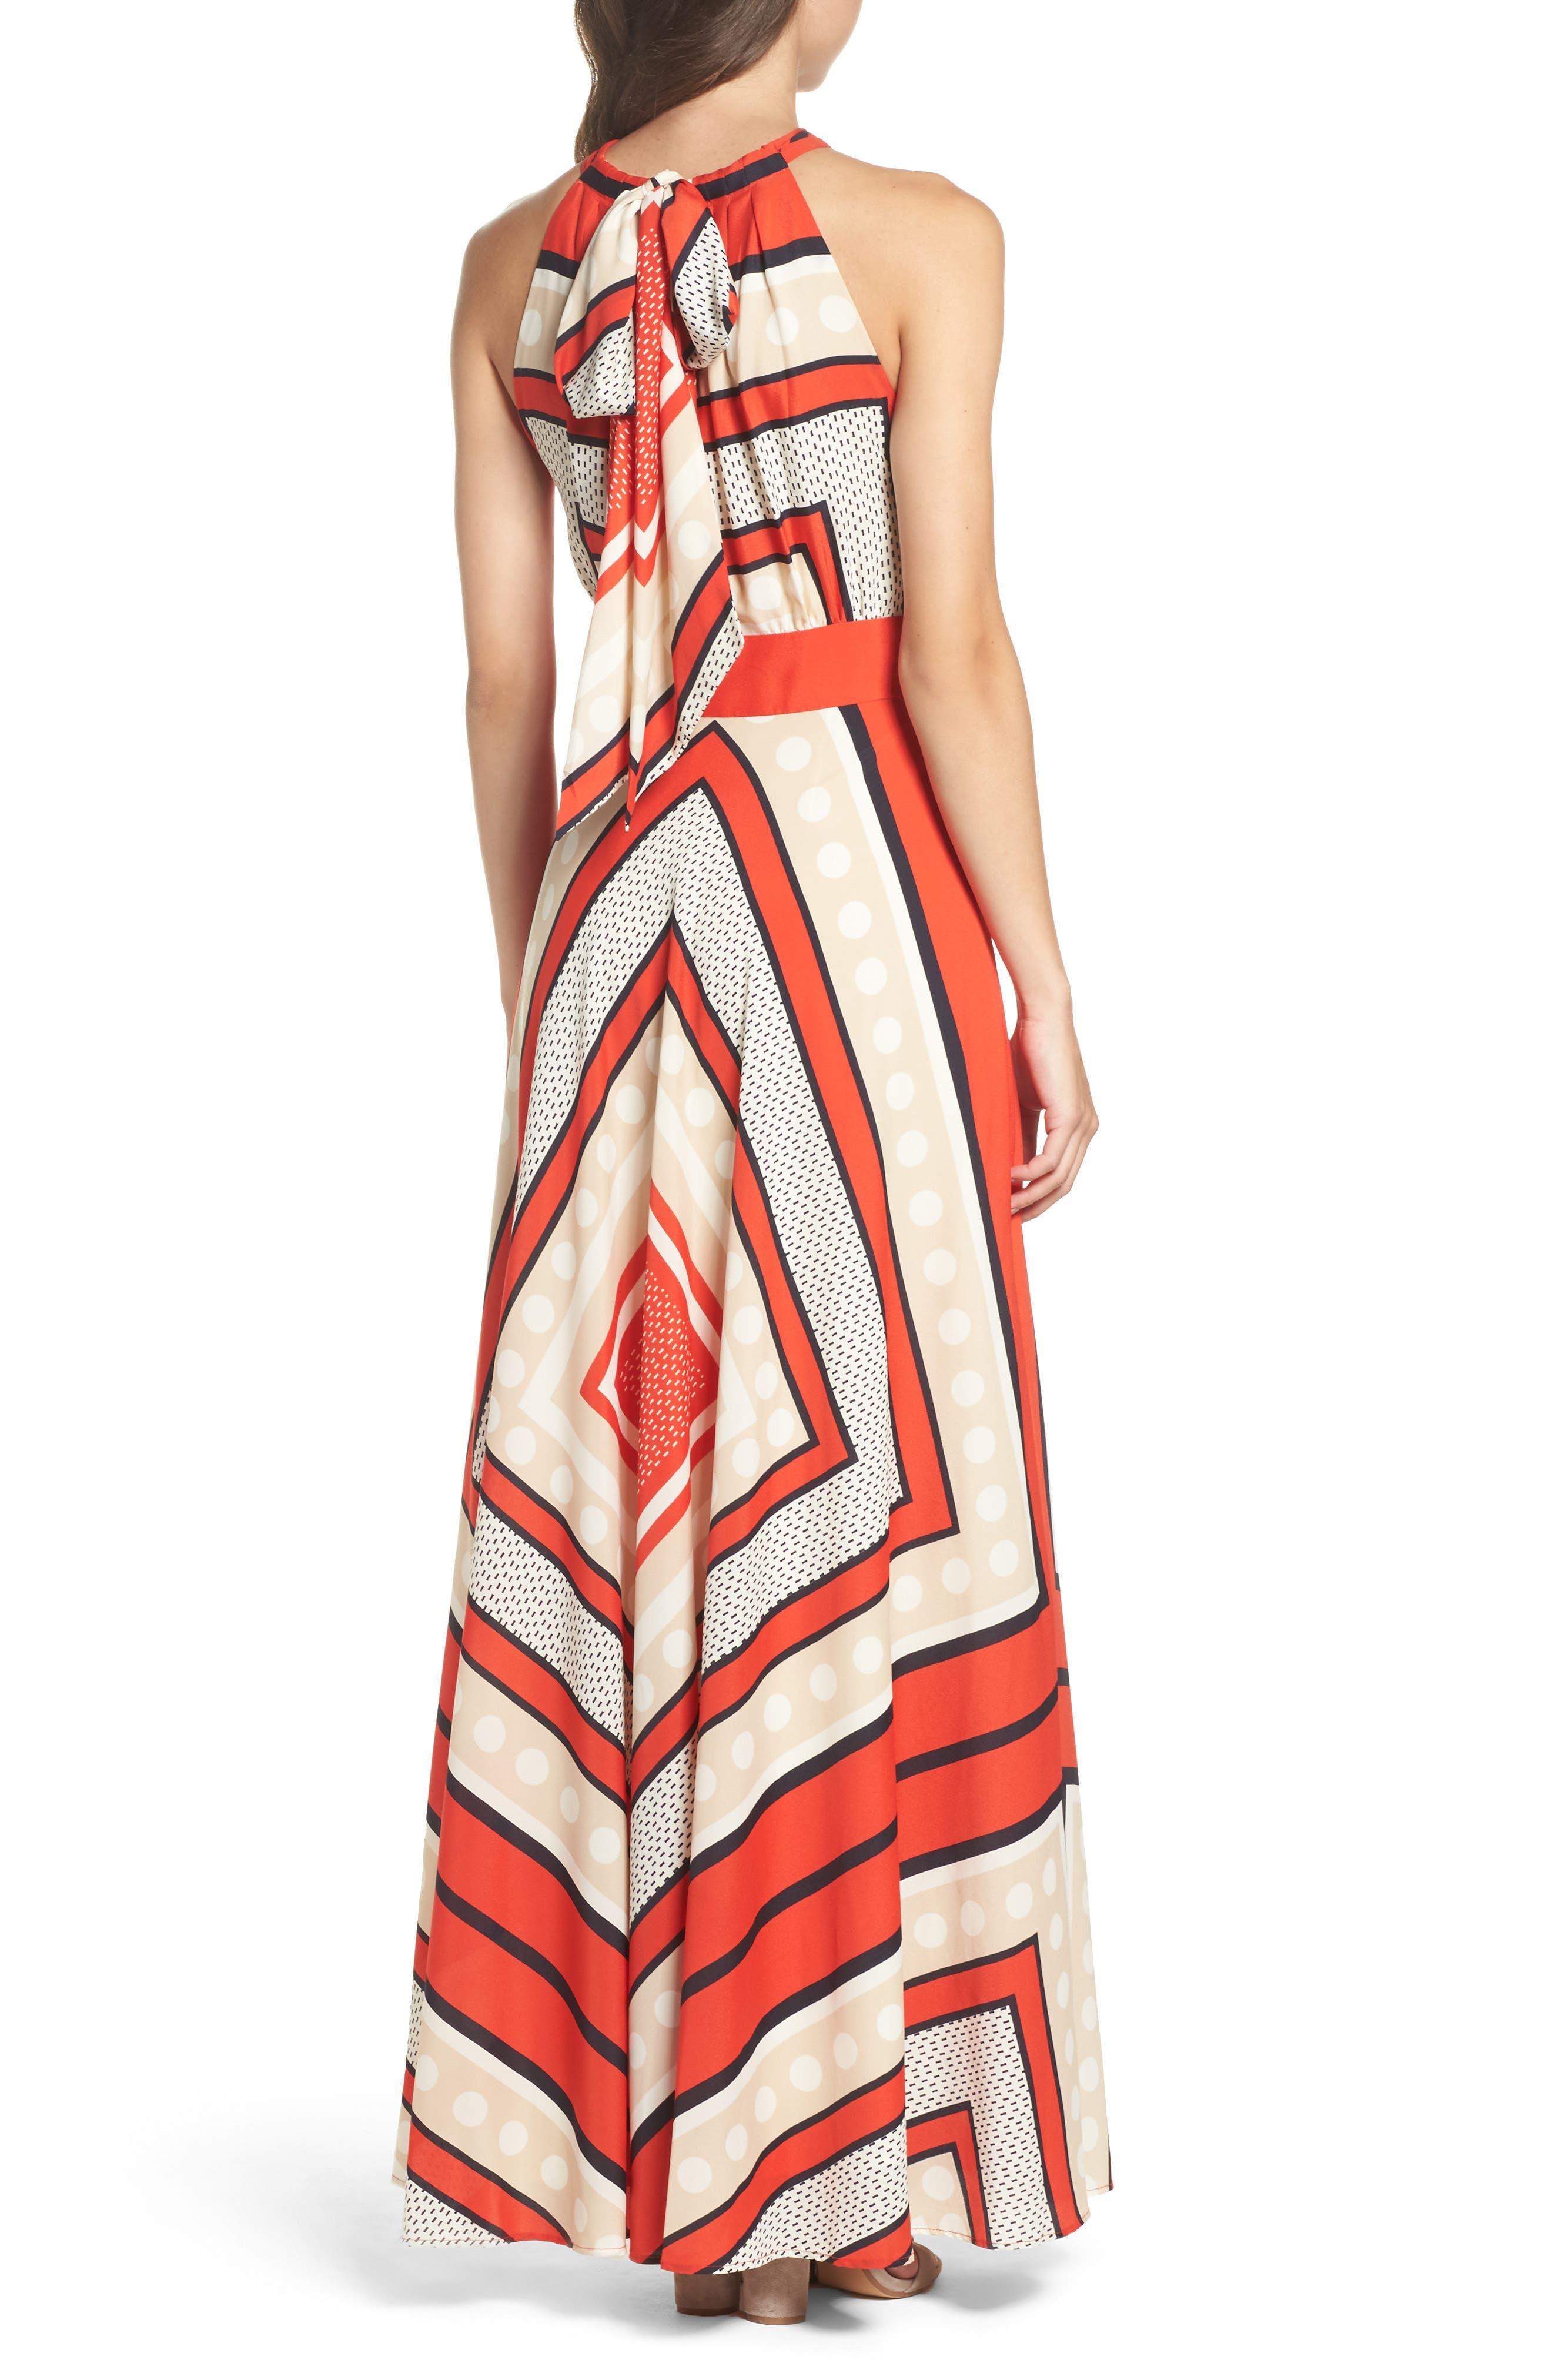 ELIZA J, Scarf Print Crêpe de Chine Fit & Flare Maxi Dress, Alternate thumbnail 2, color, MULTI